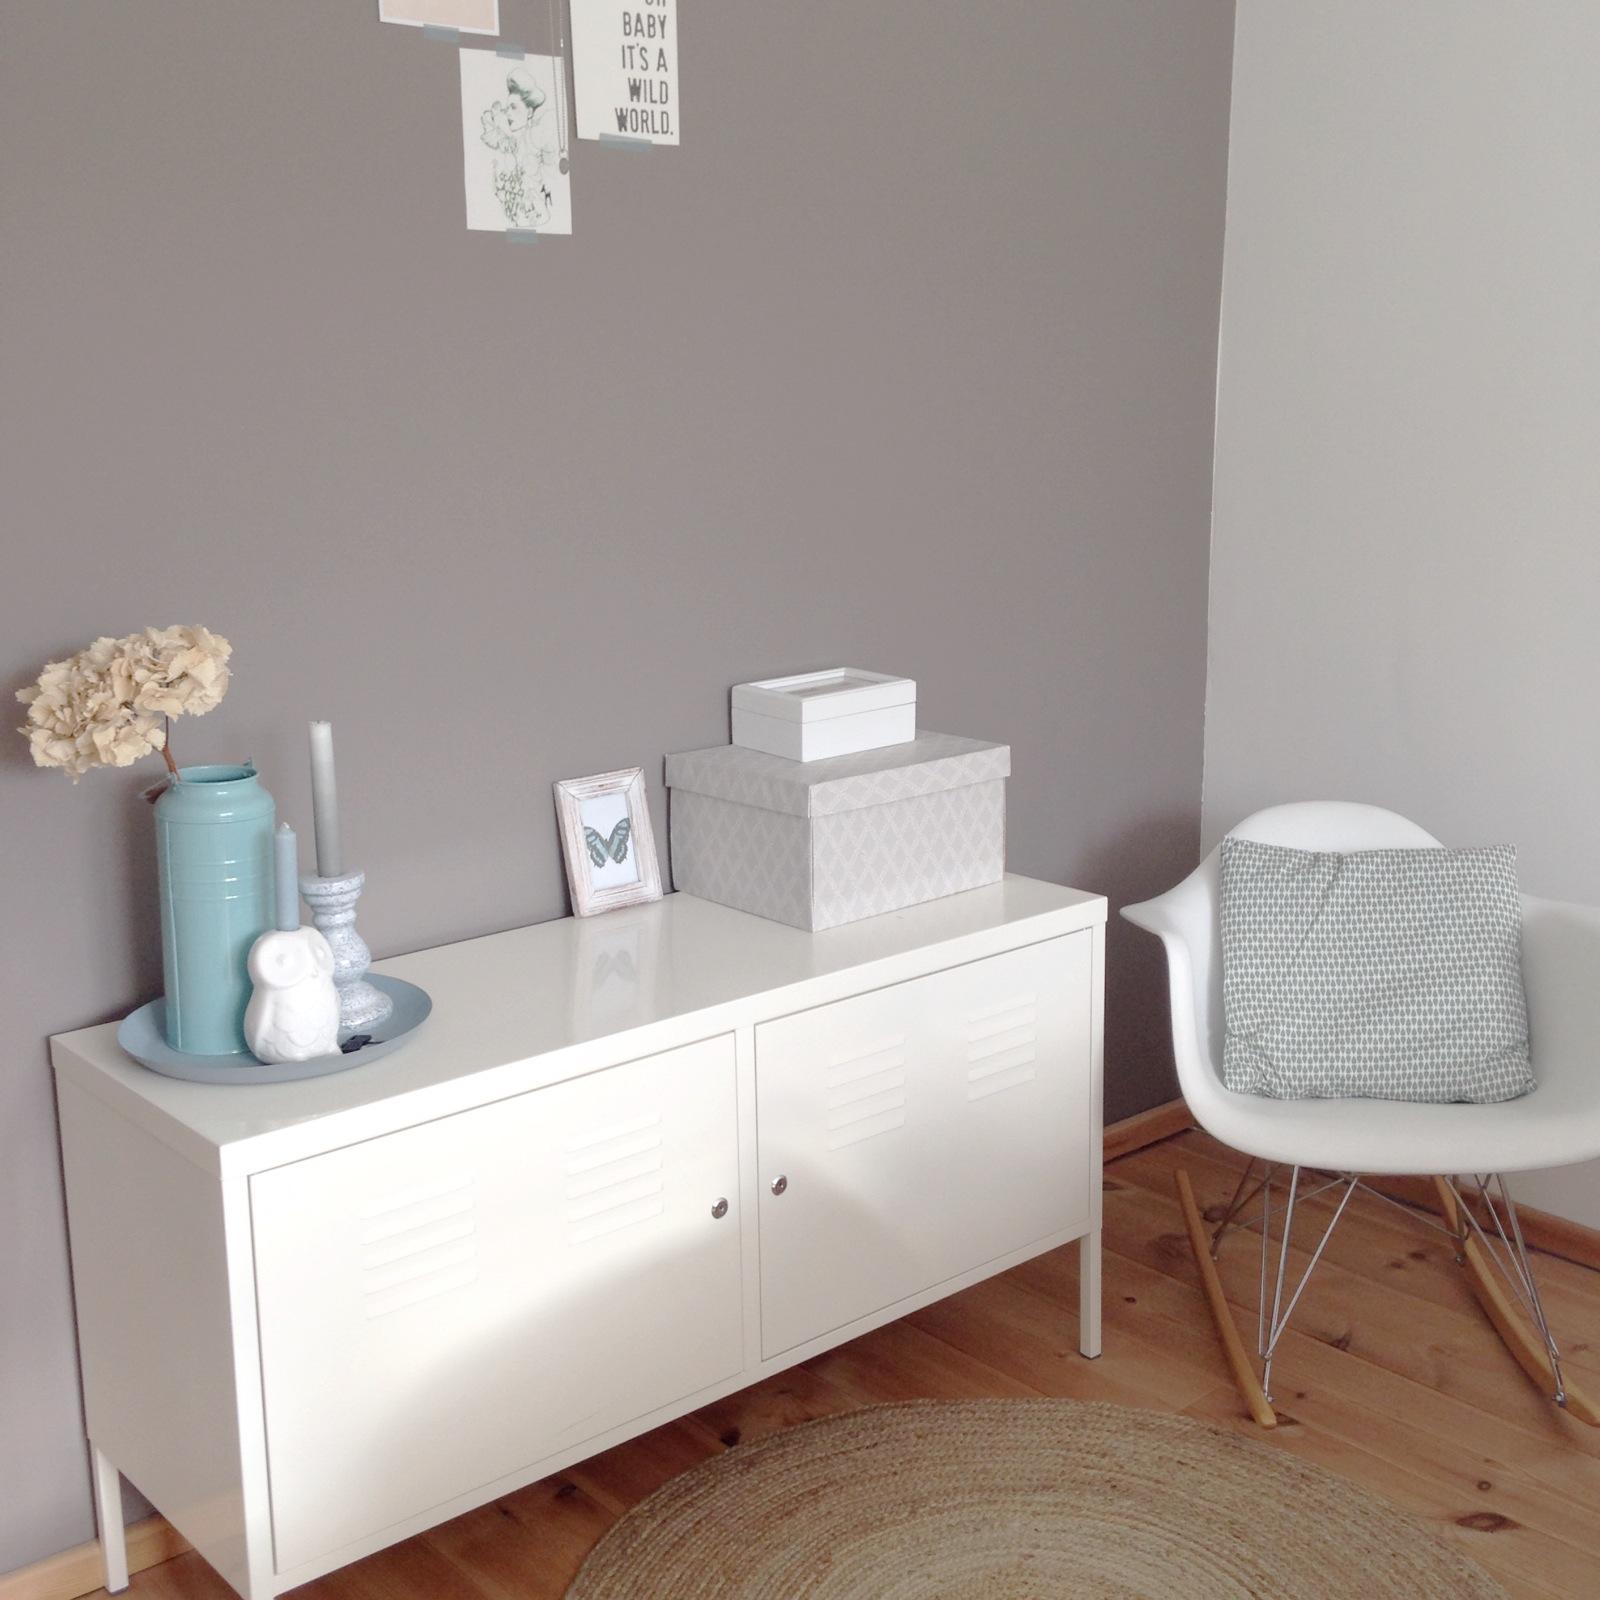 selinesteba.com - Ikea kast in de slaapkamer - Seline Steba